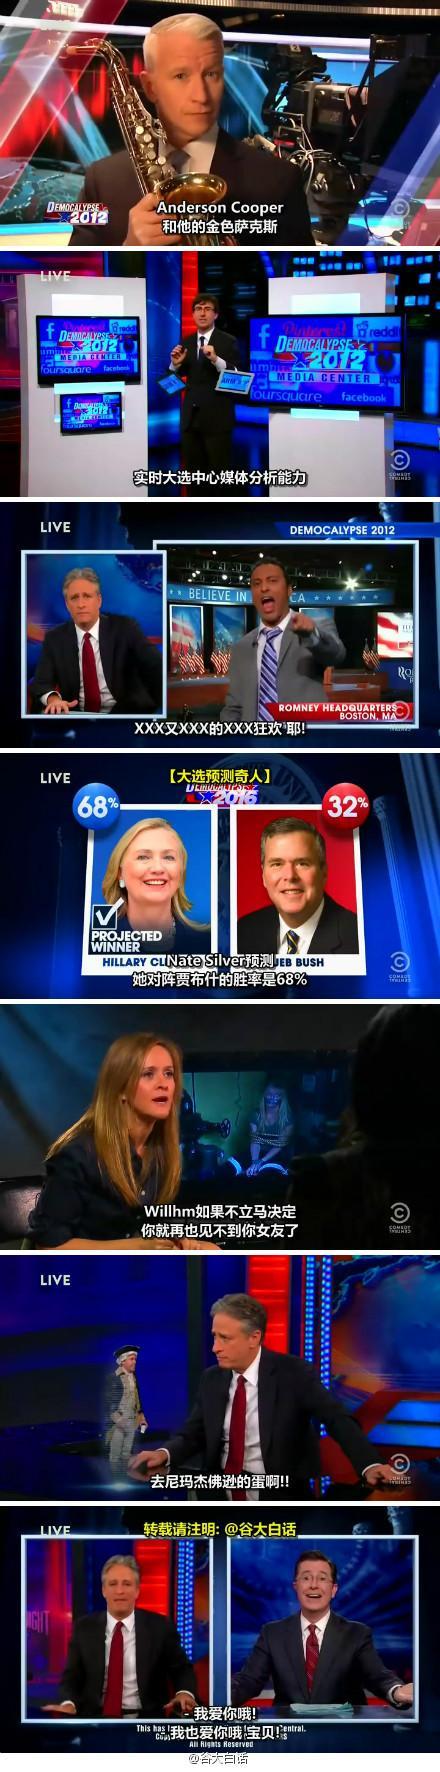 囧司徒每日秀 2012.11.06 每日秀大选特别直播节目【整集制作!!】